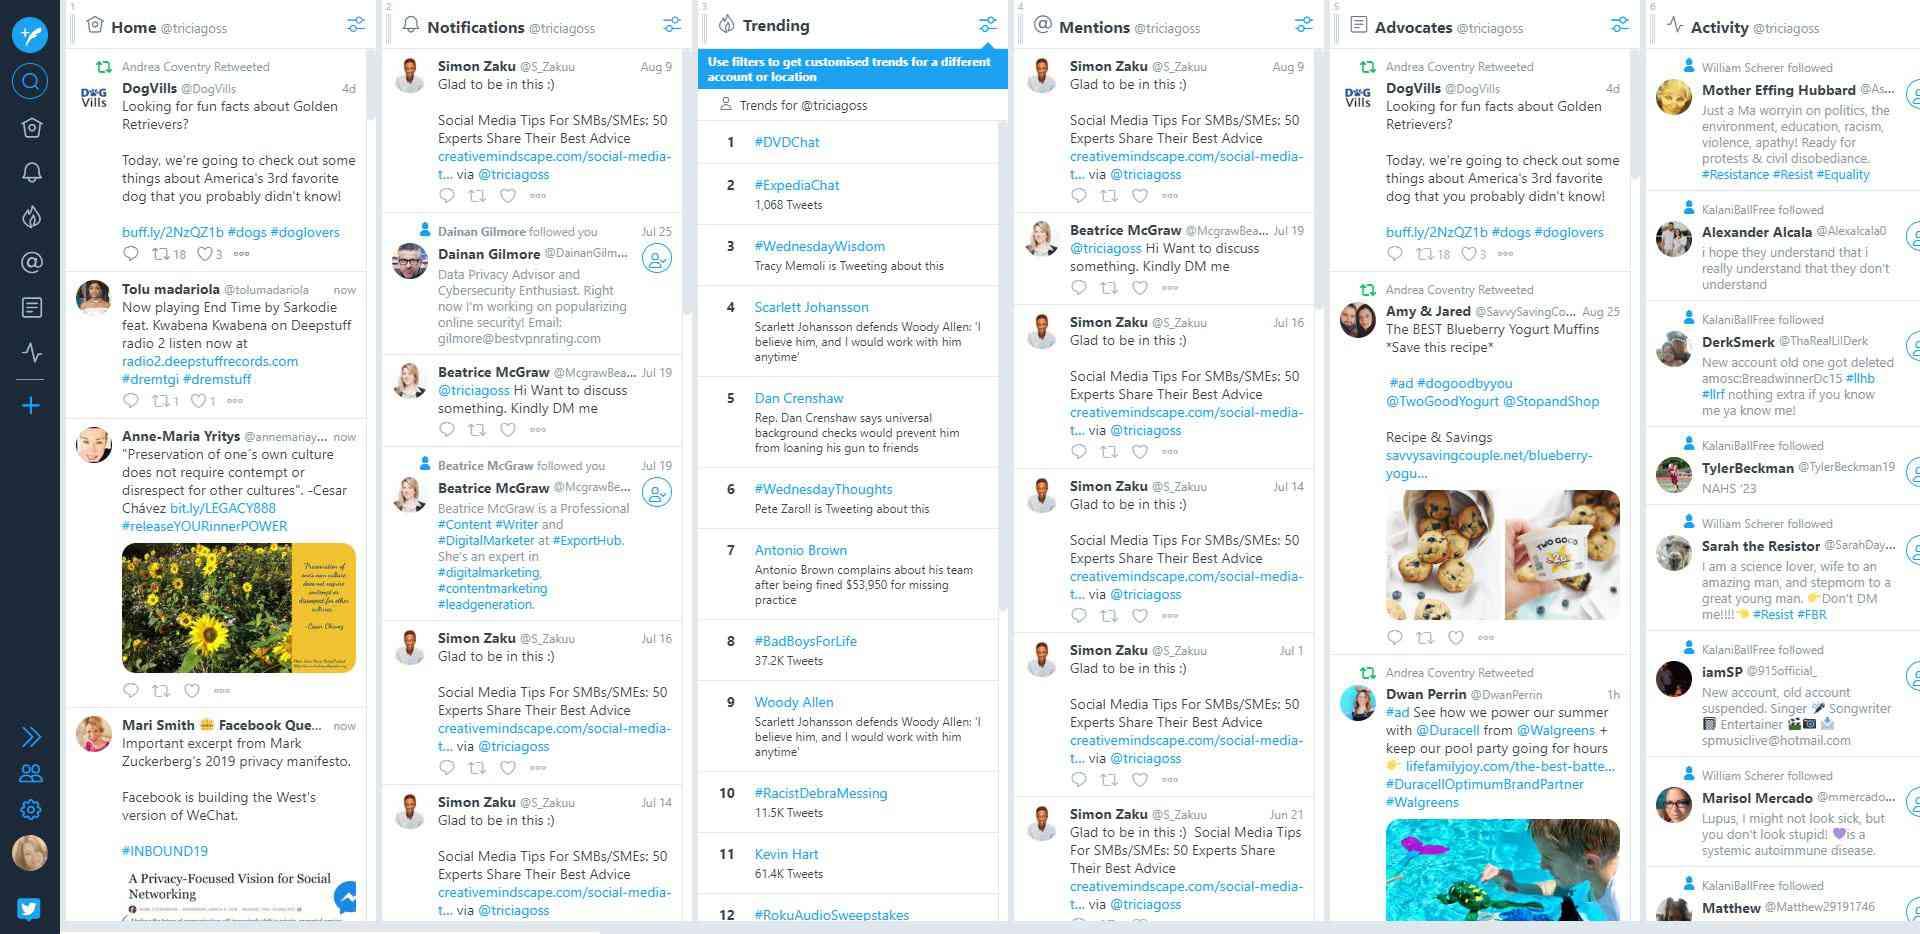 TweetDeck website